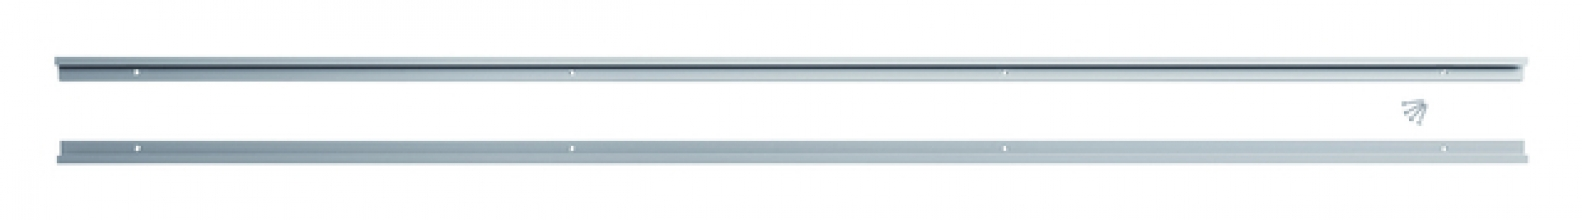 , Planbord wandgeleider A5545-148 1512mm